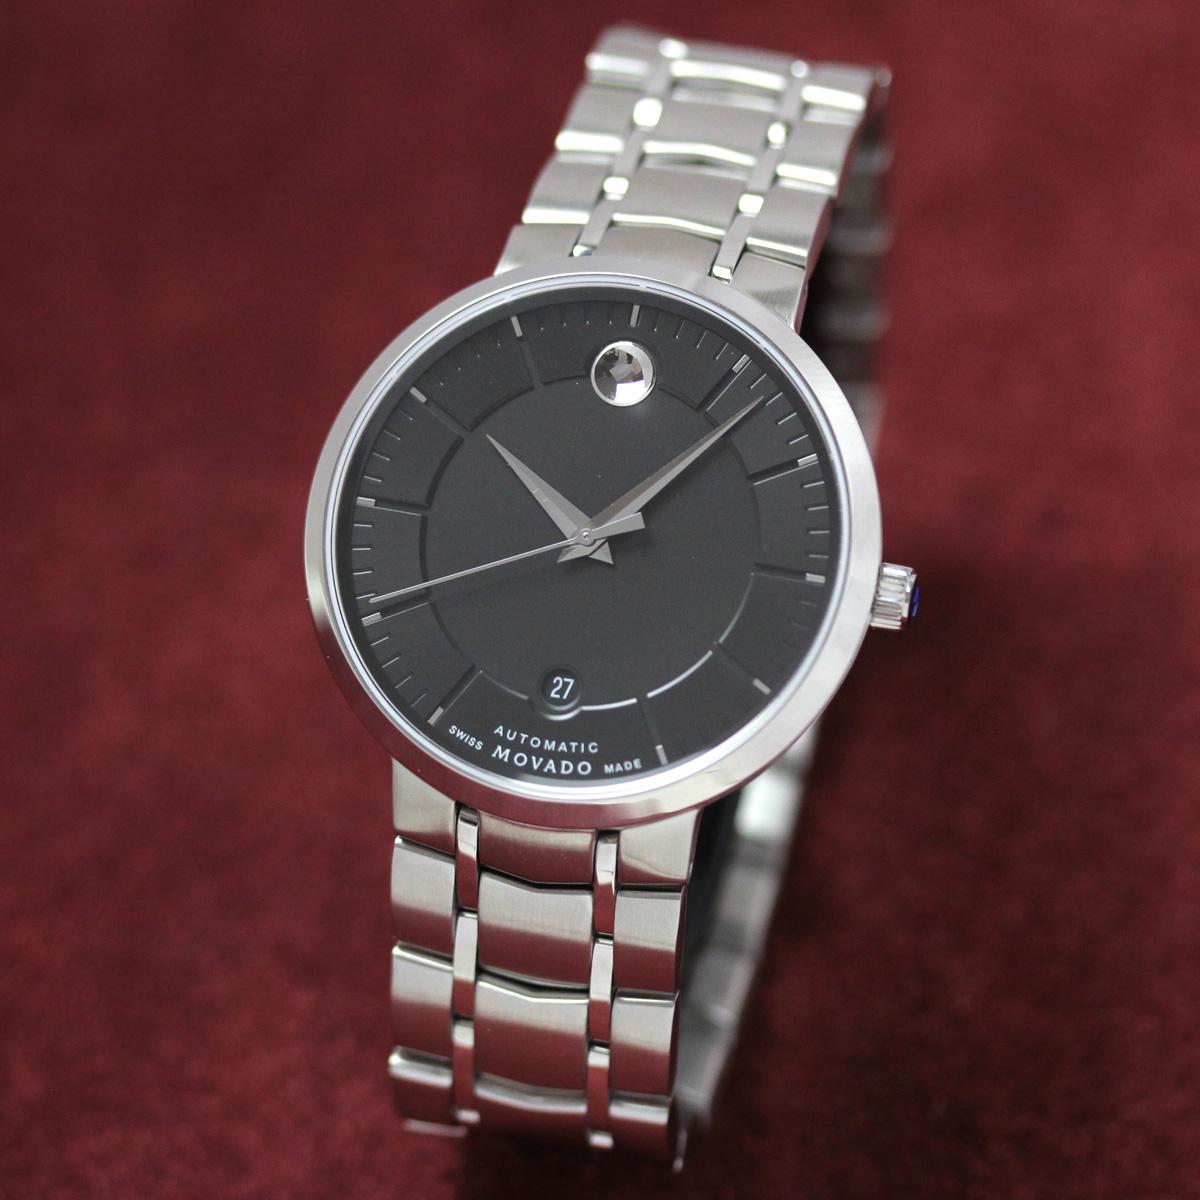 モバード 自動巻き 男性用腕時計m06069148103s